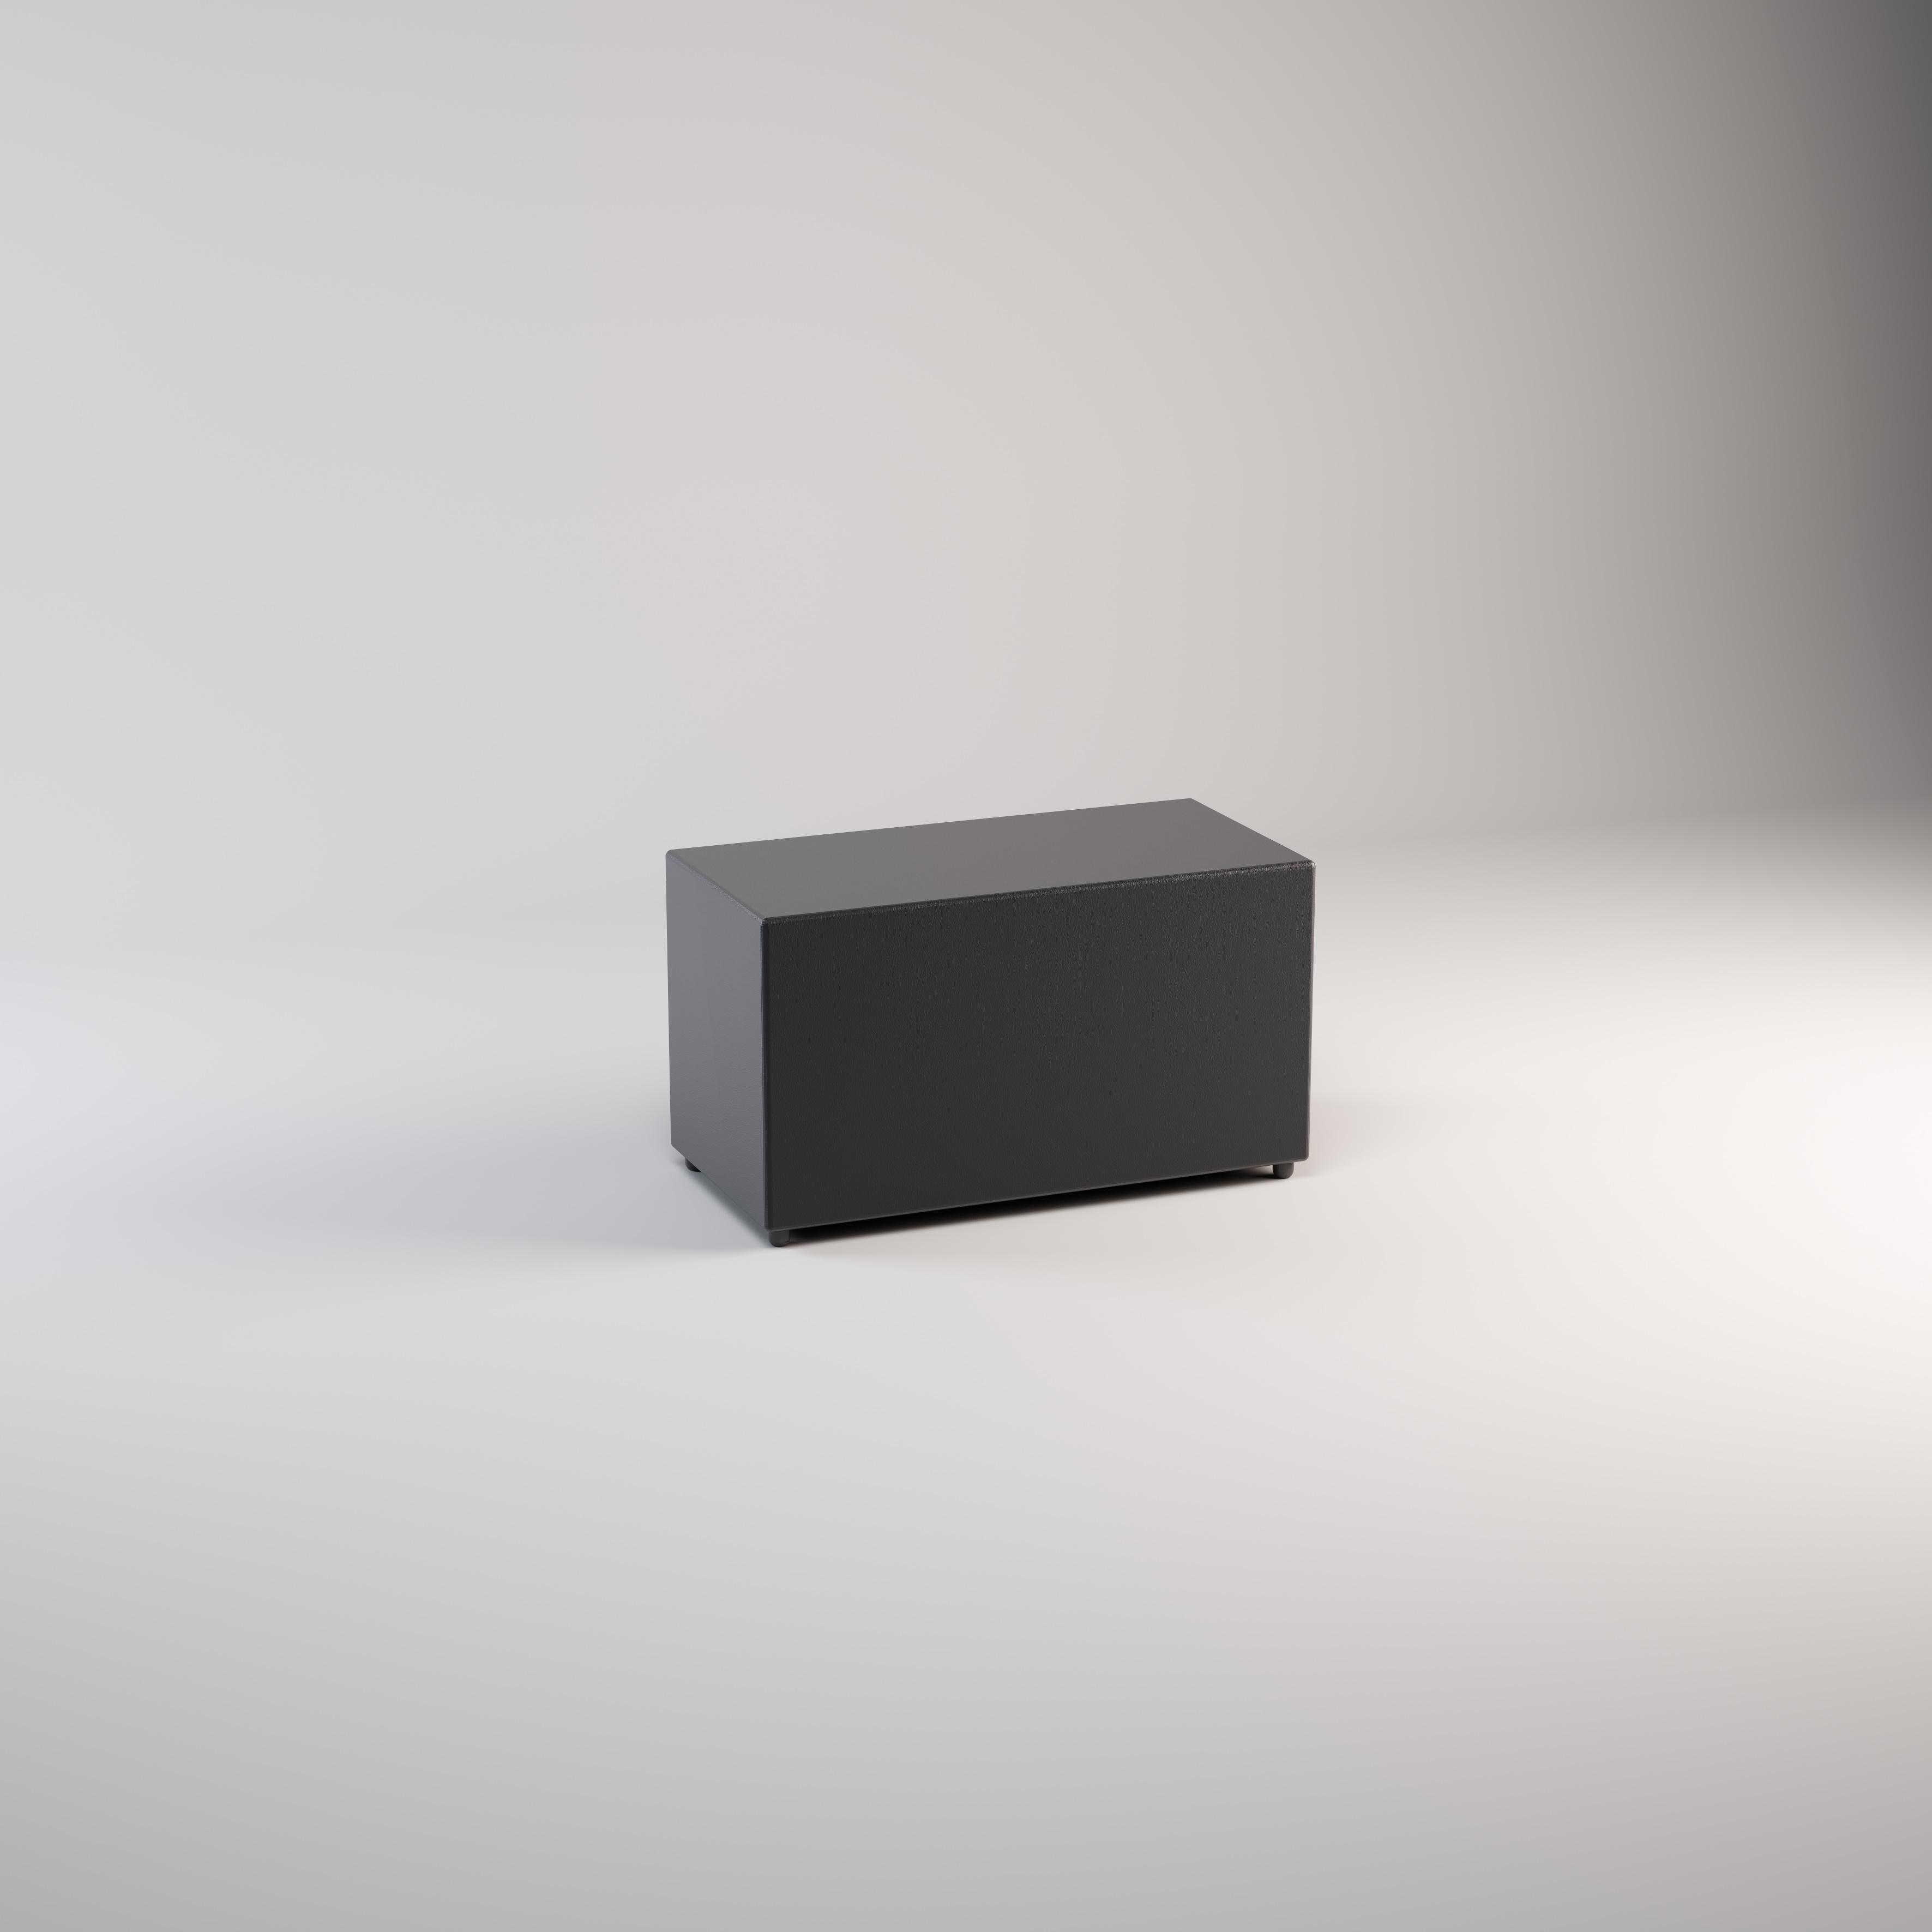 pouf80_03